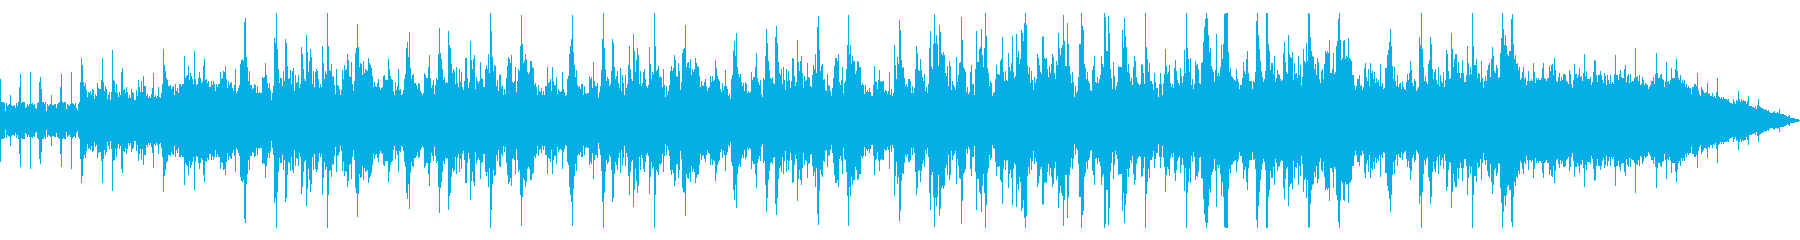 雄大なアコースティックバラードの再生済みの波形